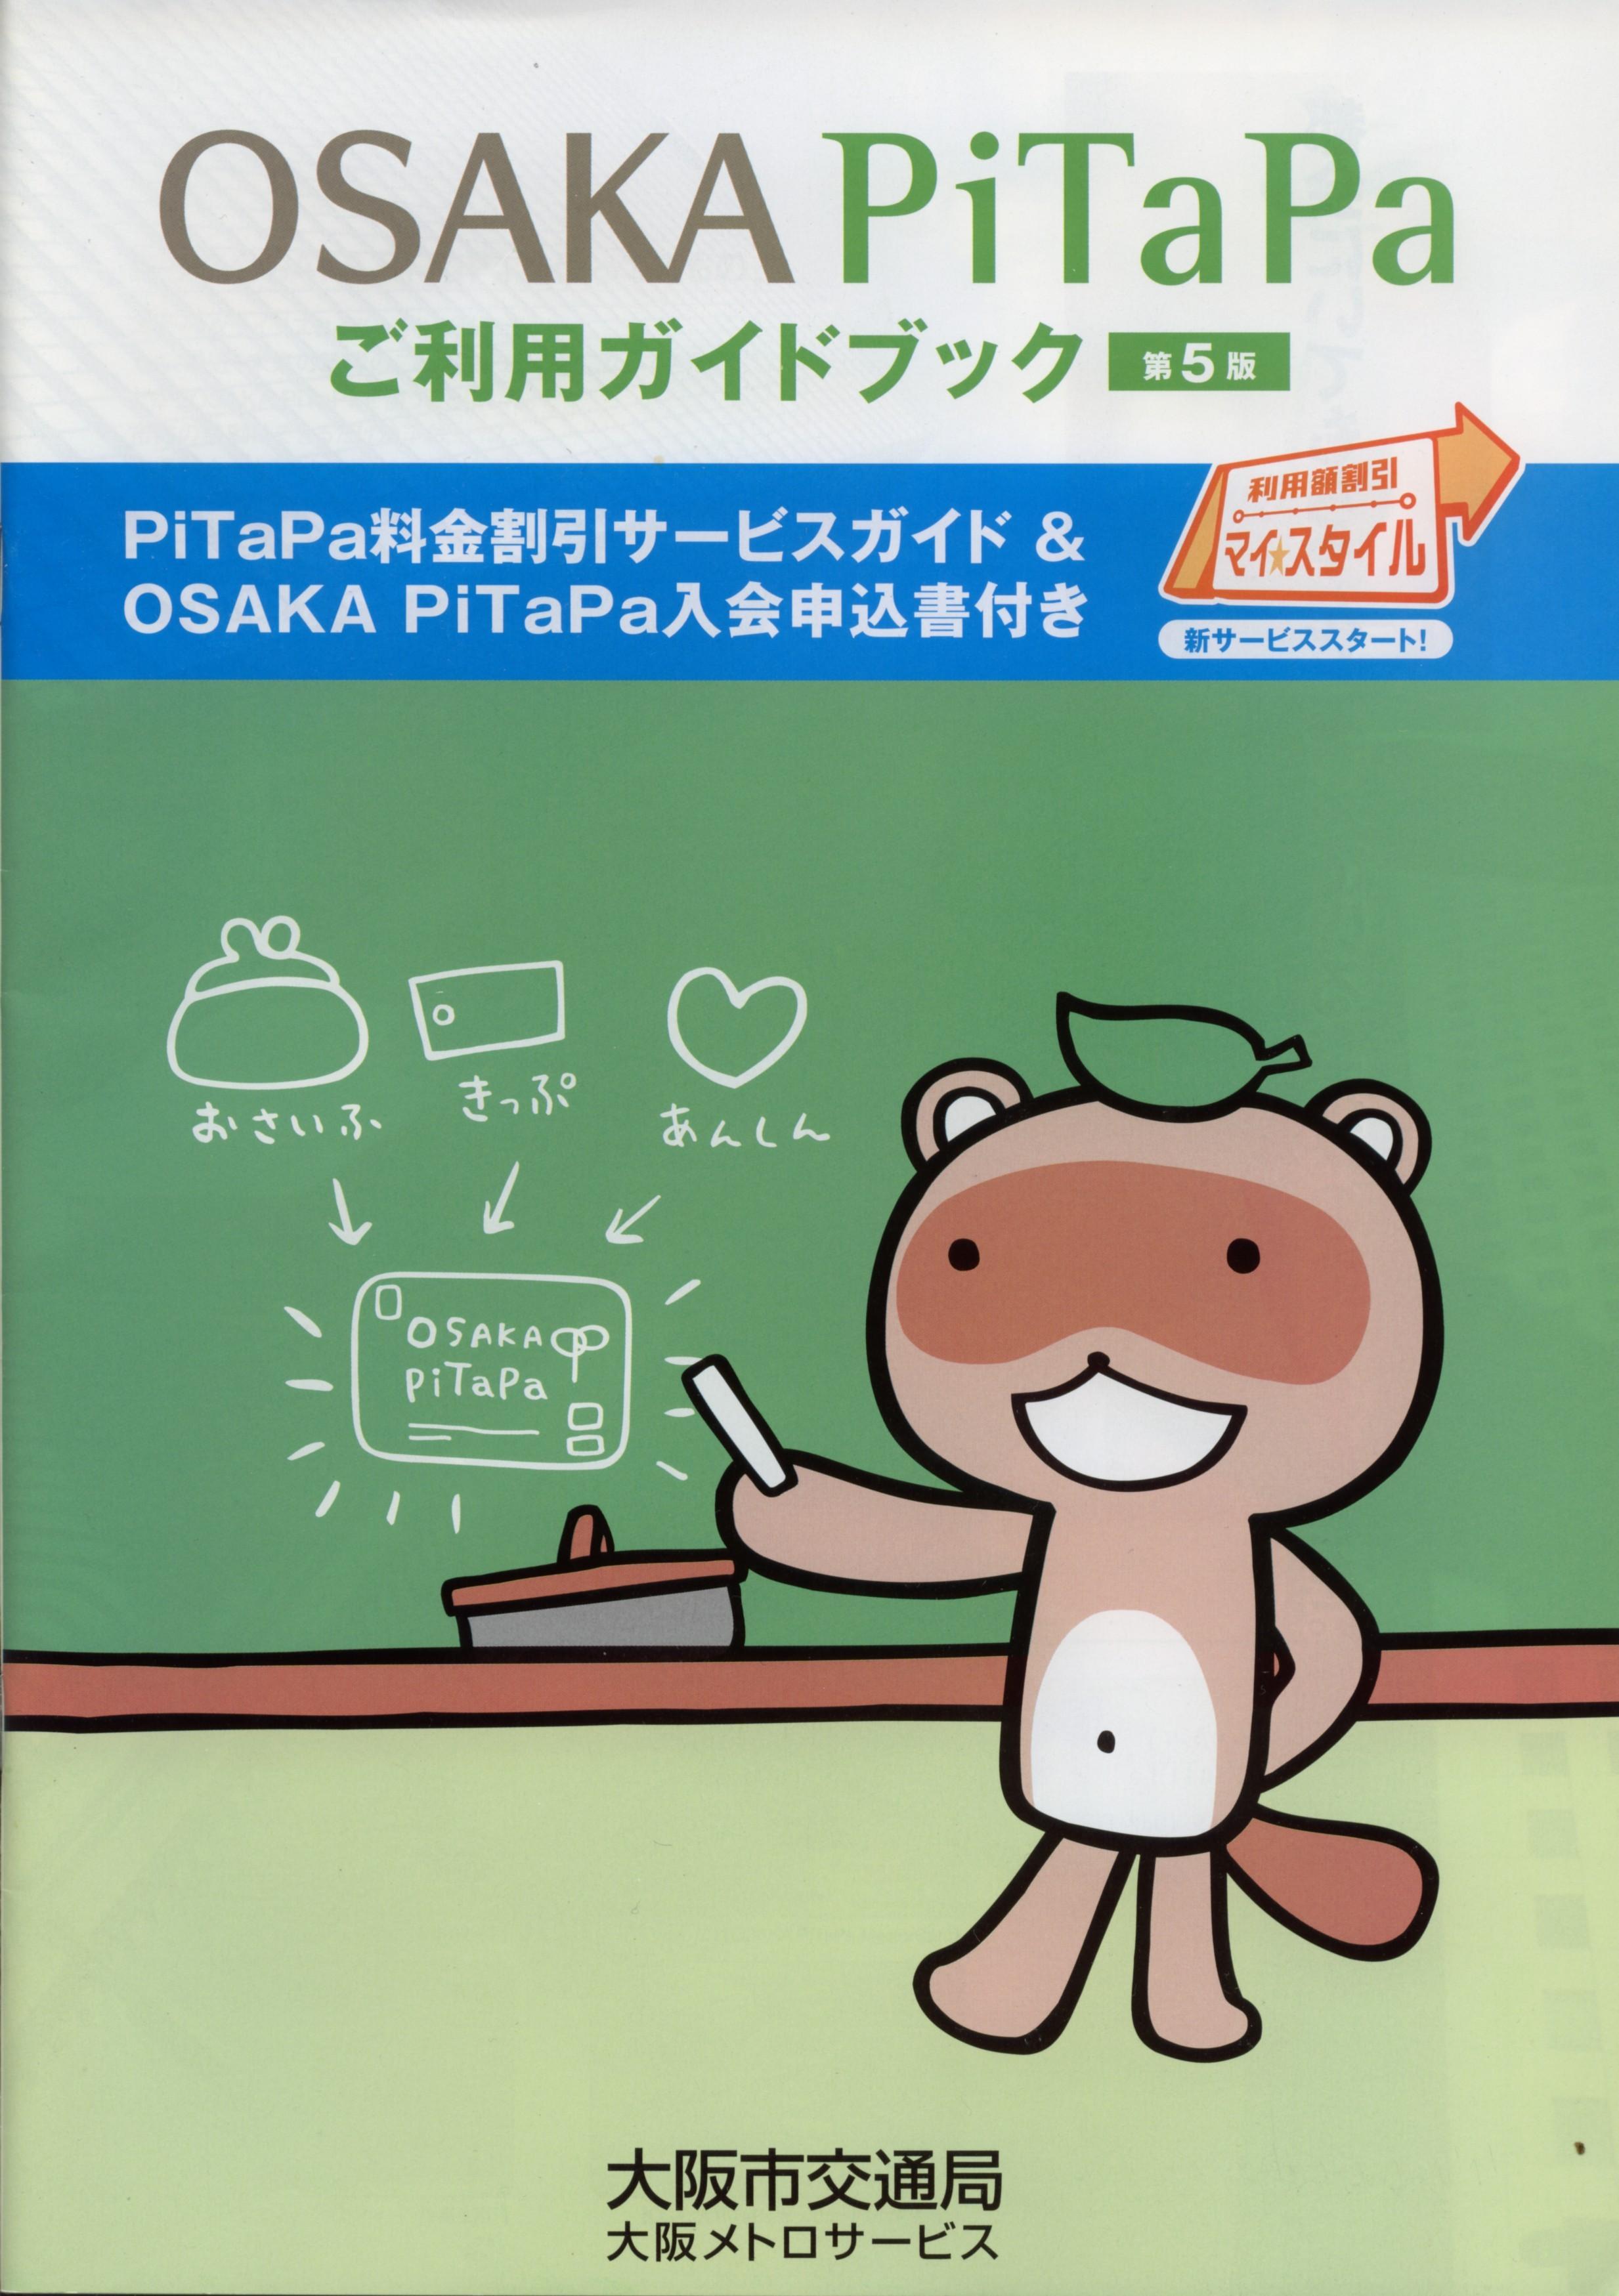 ひよこの旅 : OSAKA PiTapa ご利...